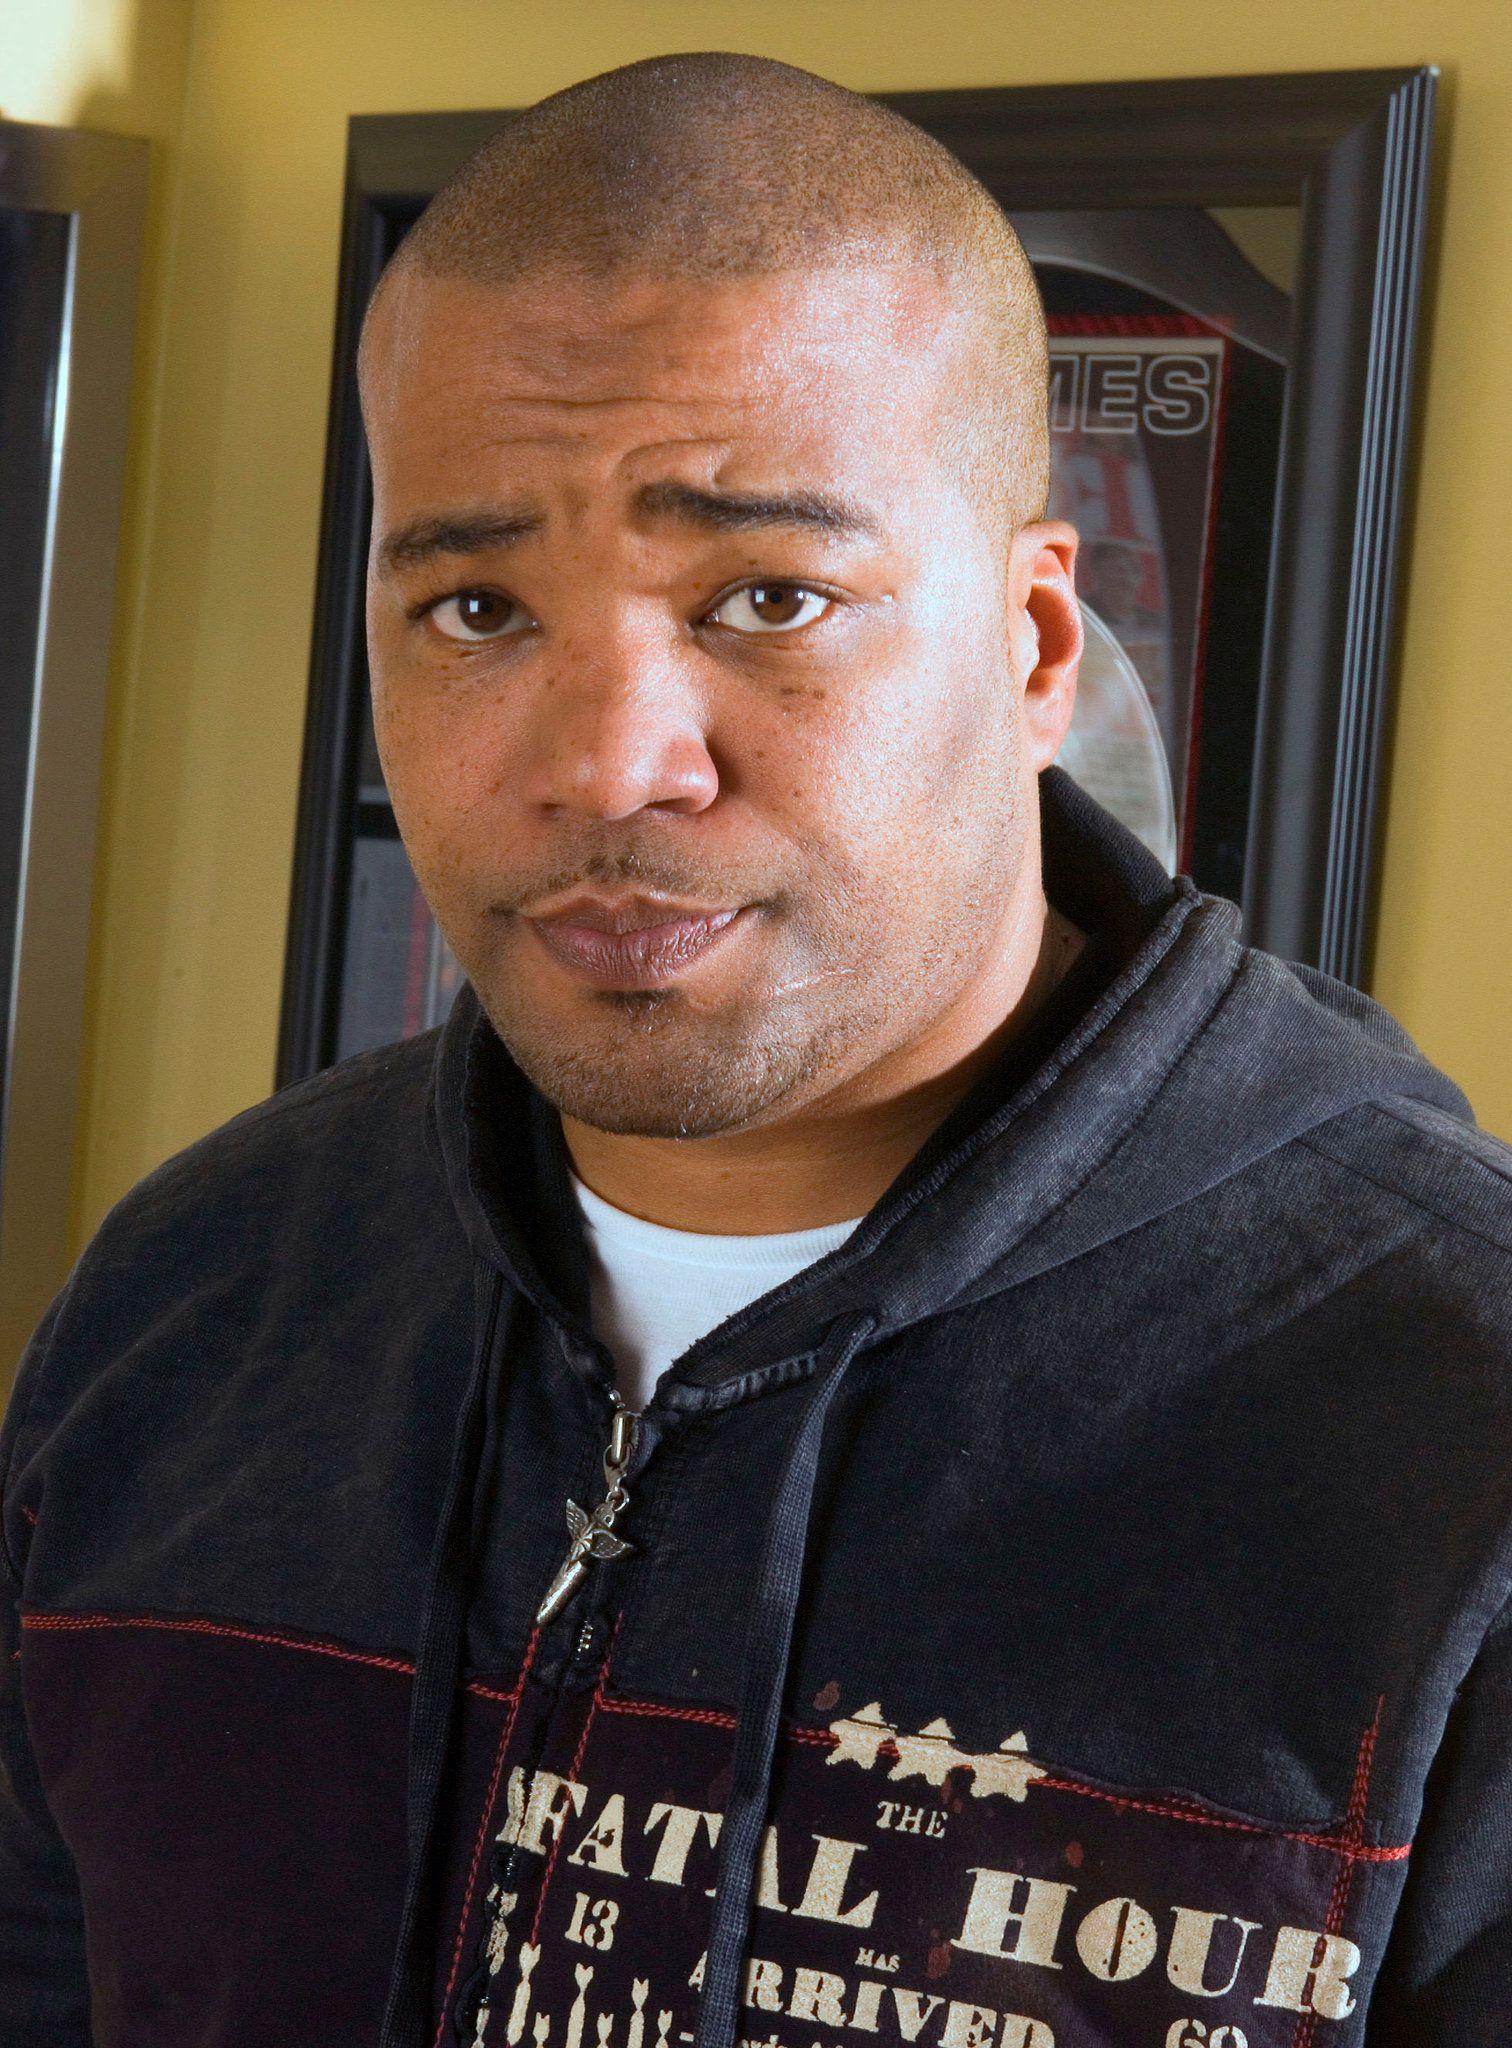 Chris Lighty Self Inflicted Gunshot Hip Hop Rap Stars